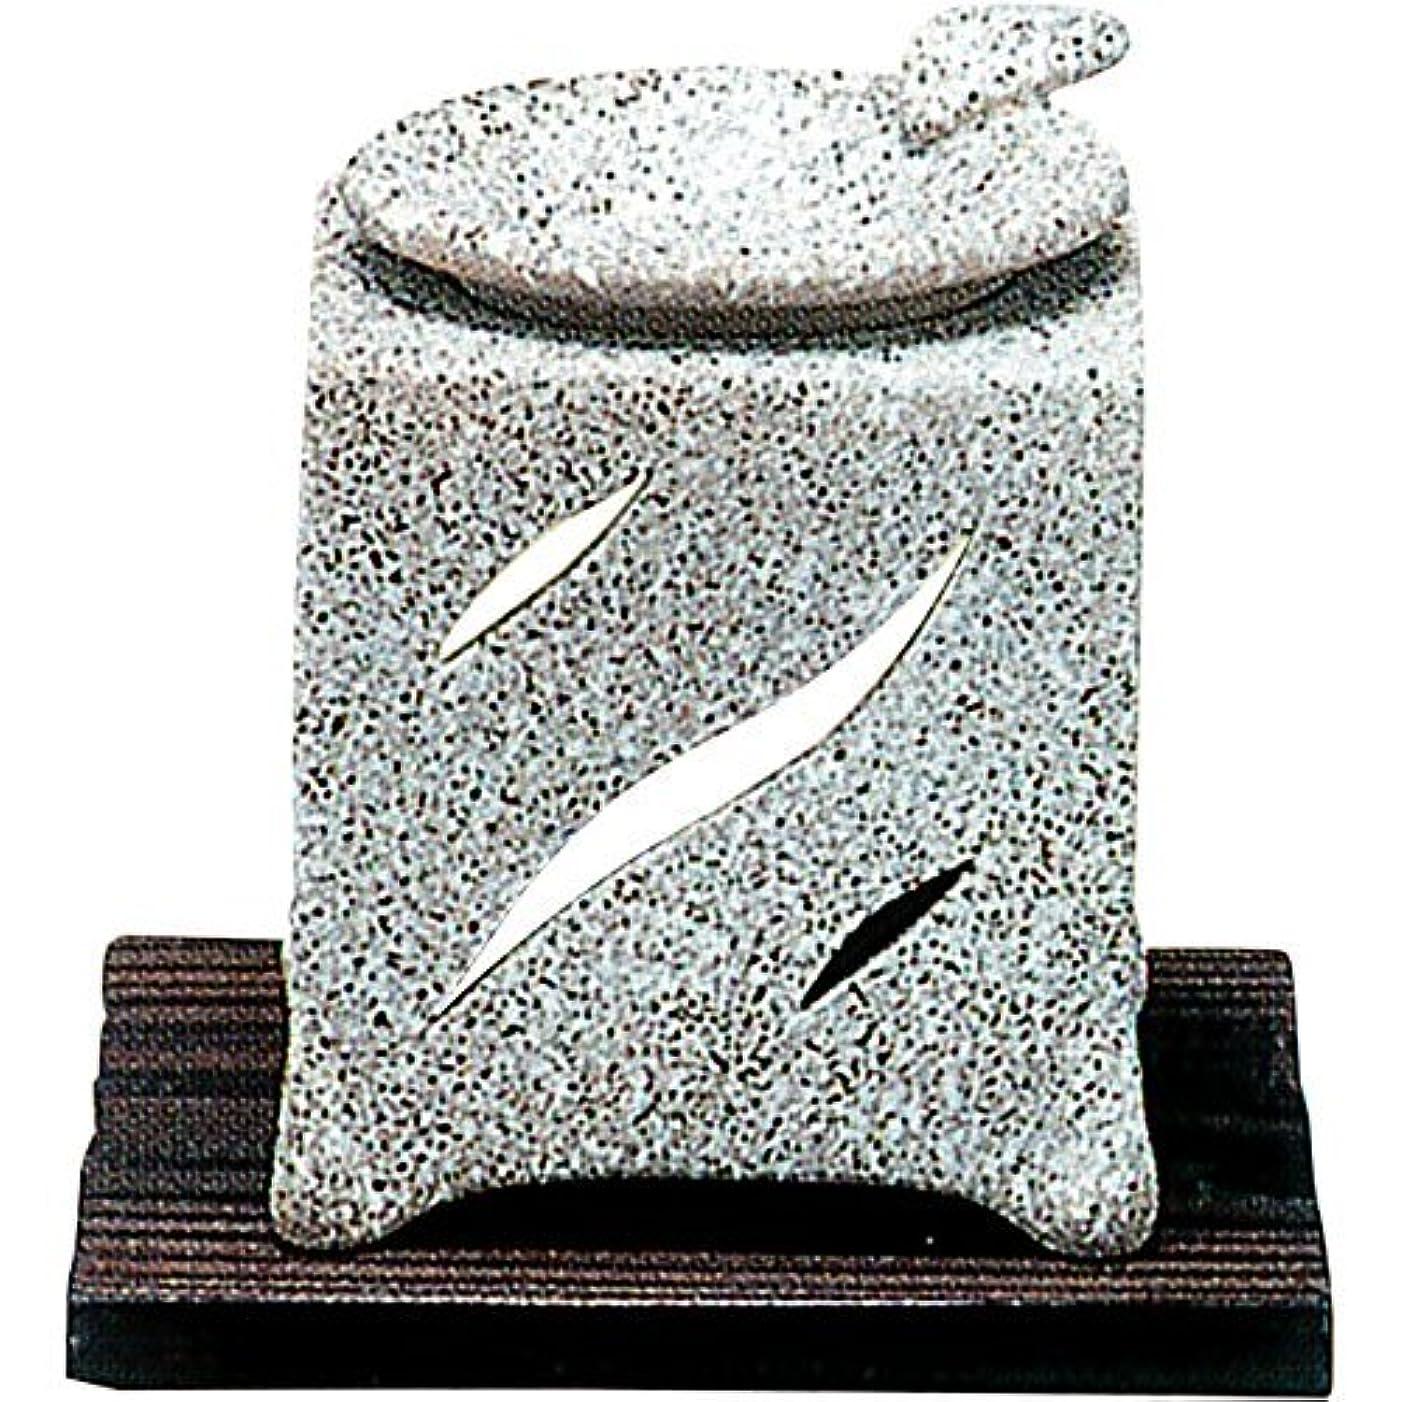 経済的相談する定期的な【常滑焼】山房 石風角形茶香炉 石風角形 10×10×H12㎝ 5-261